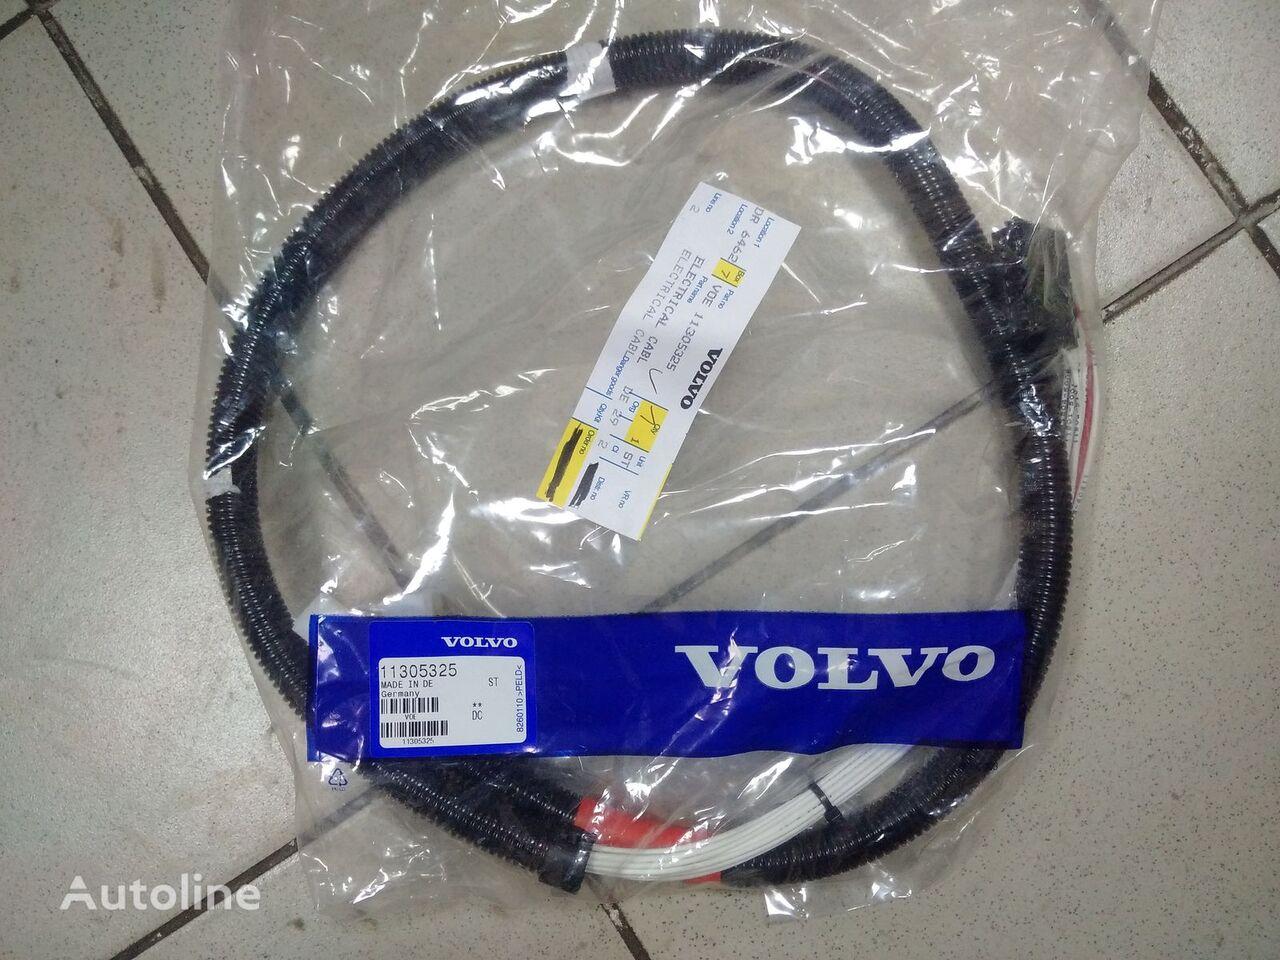 new VOLVO Elektricheskiy kabel wiring for VOLVO wheel loader